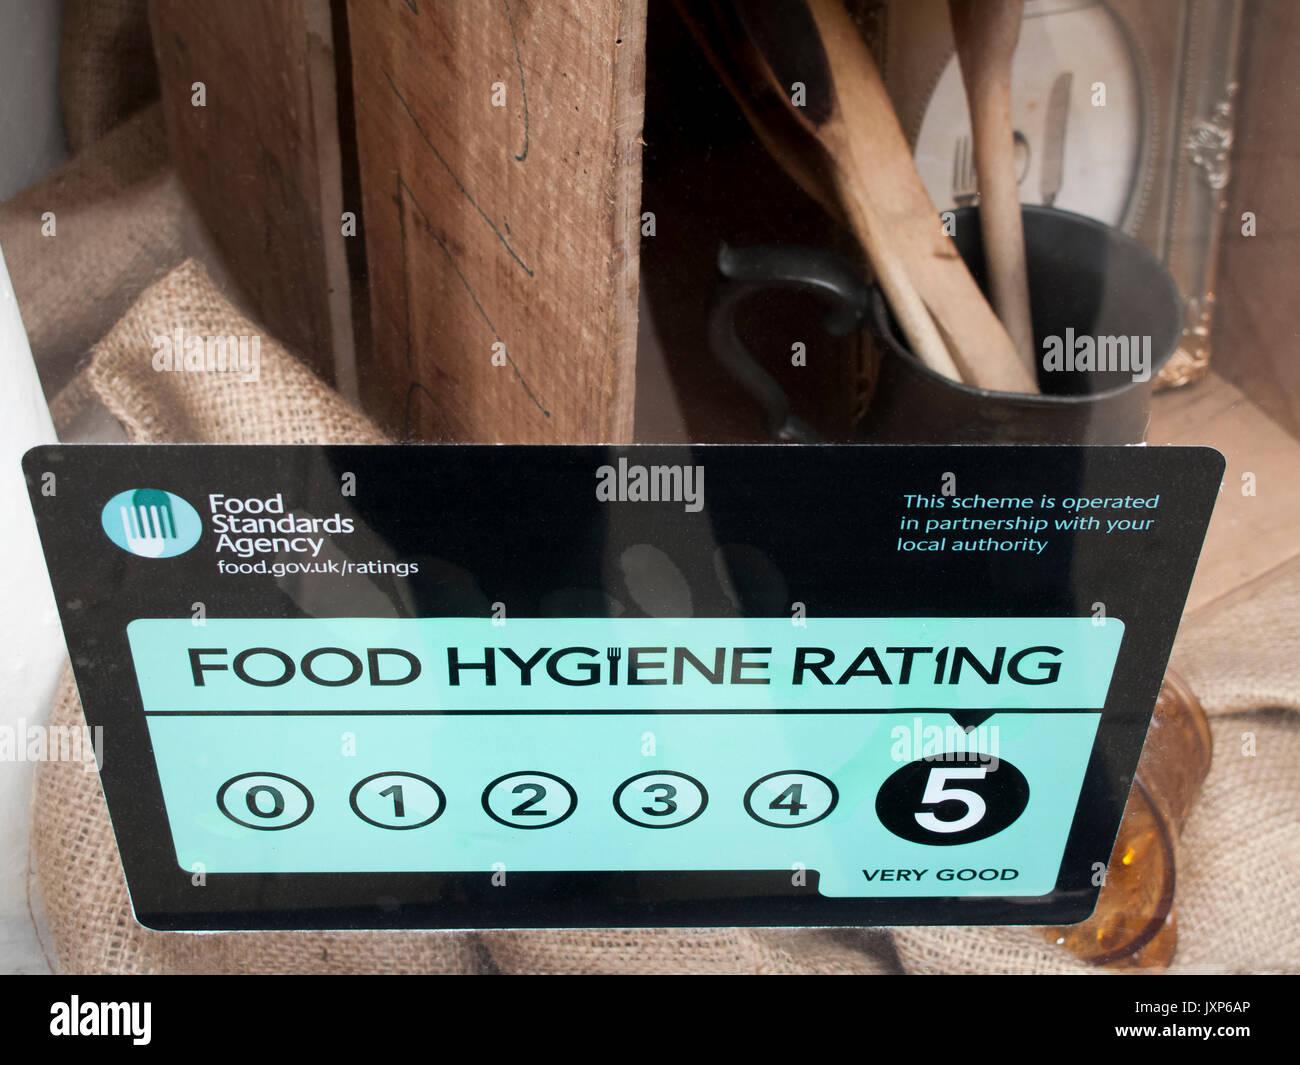 Food Hygiene Restaurant Stock Photos & Food Hygiene Restaurant Stock ...